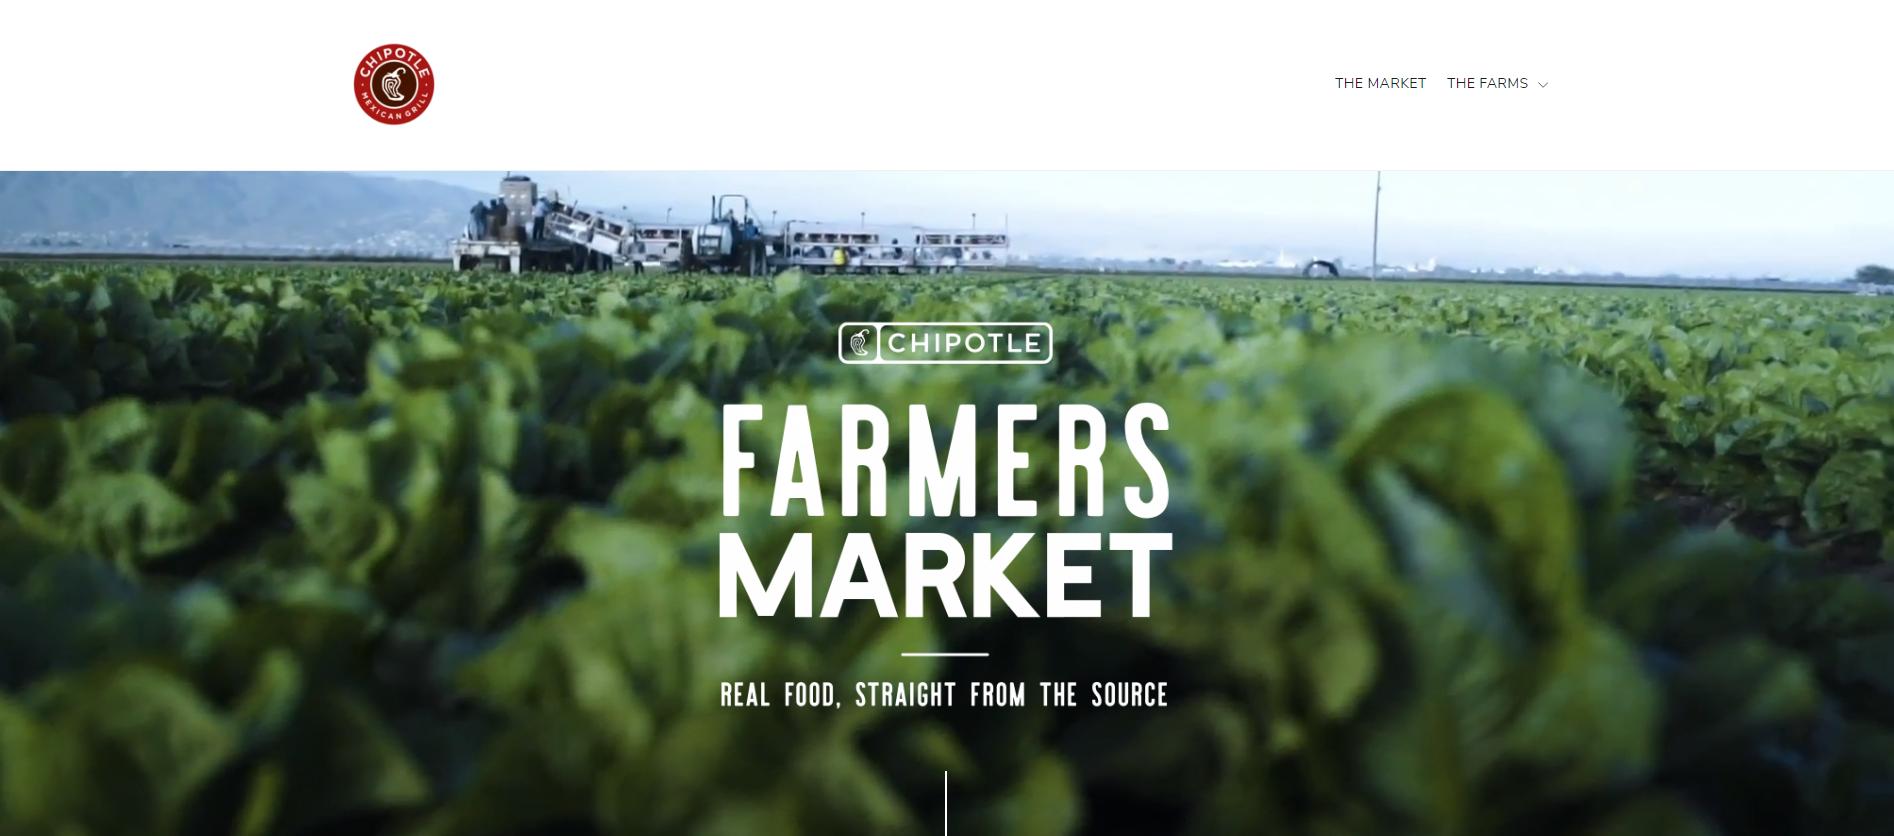 chipotle farmers market